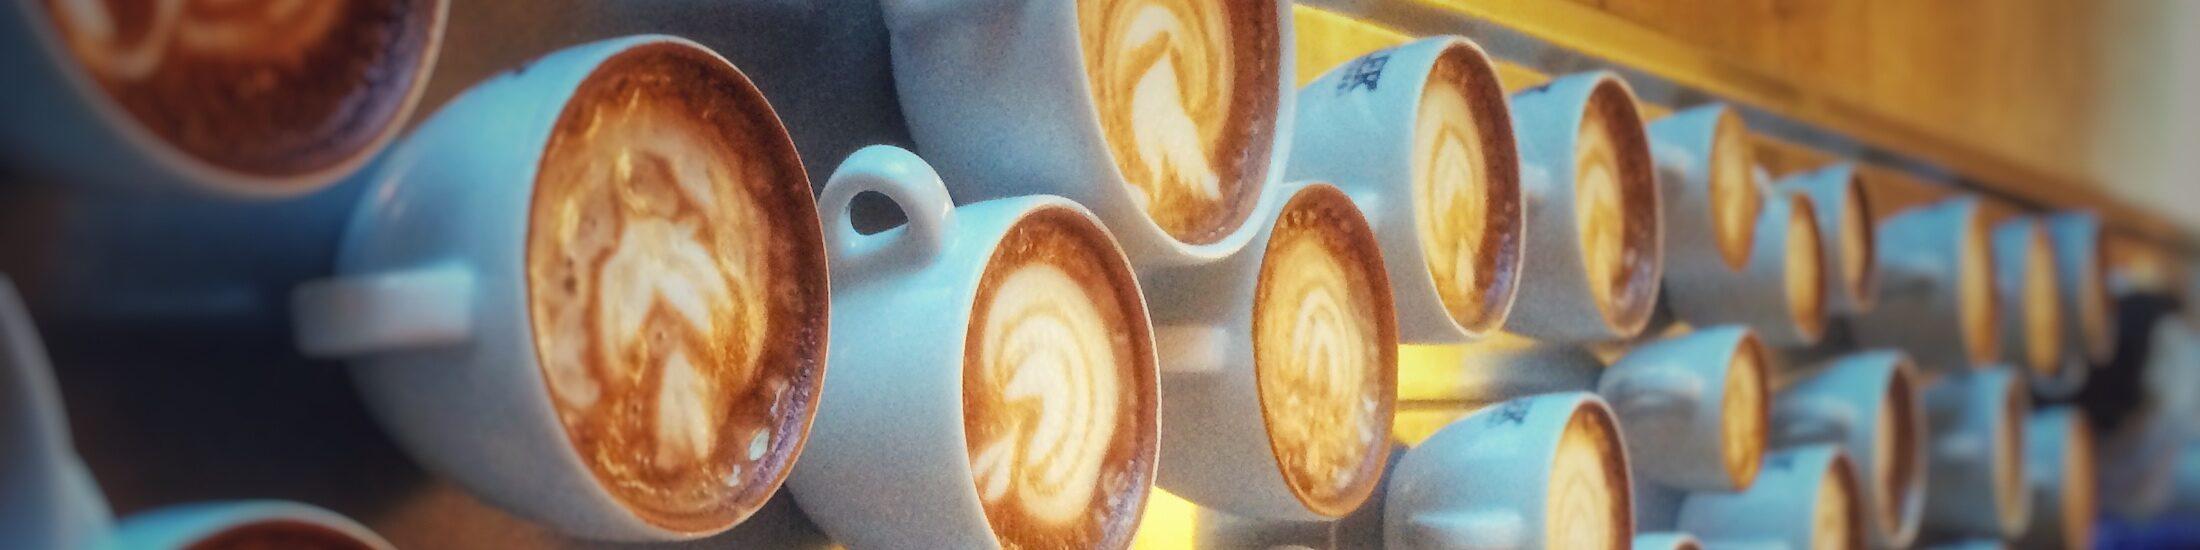 Viele Kaffeetassen mit Latte Art Motiven nebeneinander. Ein Bild aus dem Latte Art Training. Alles steht auf einer Edelstahl Theke.